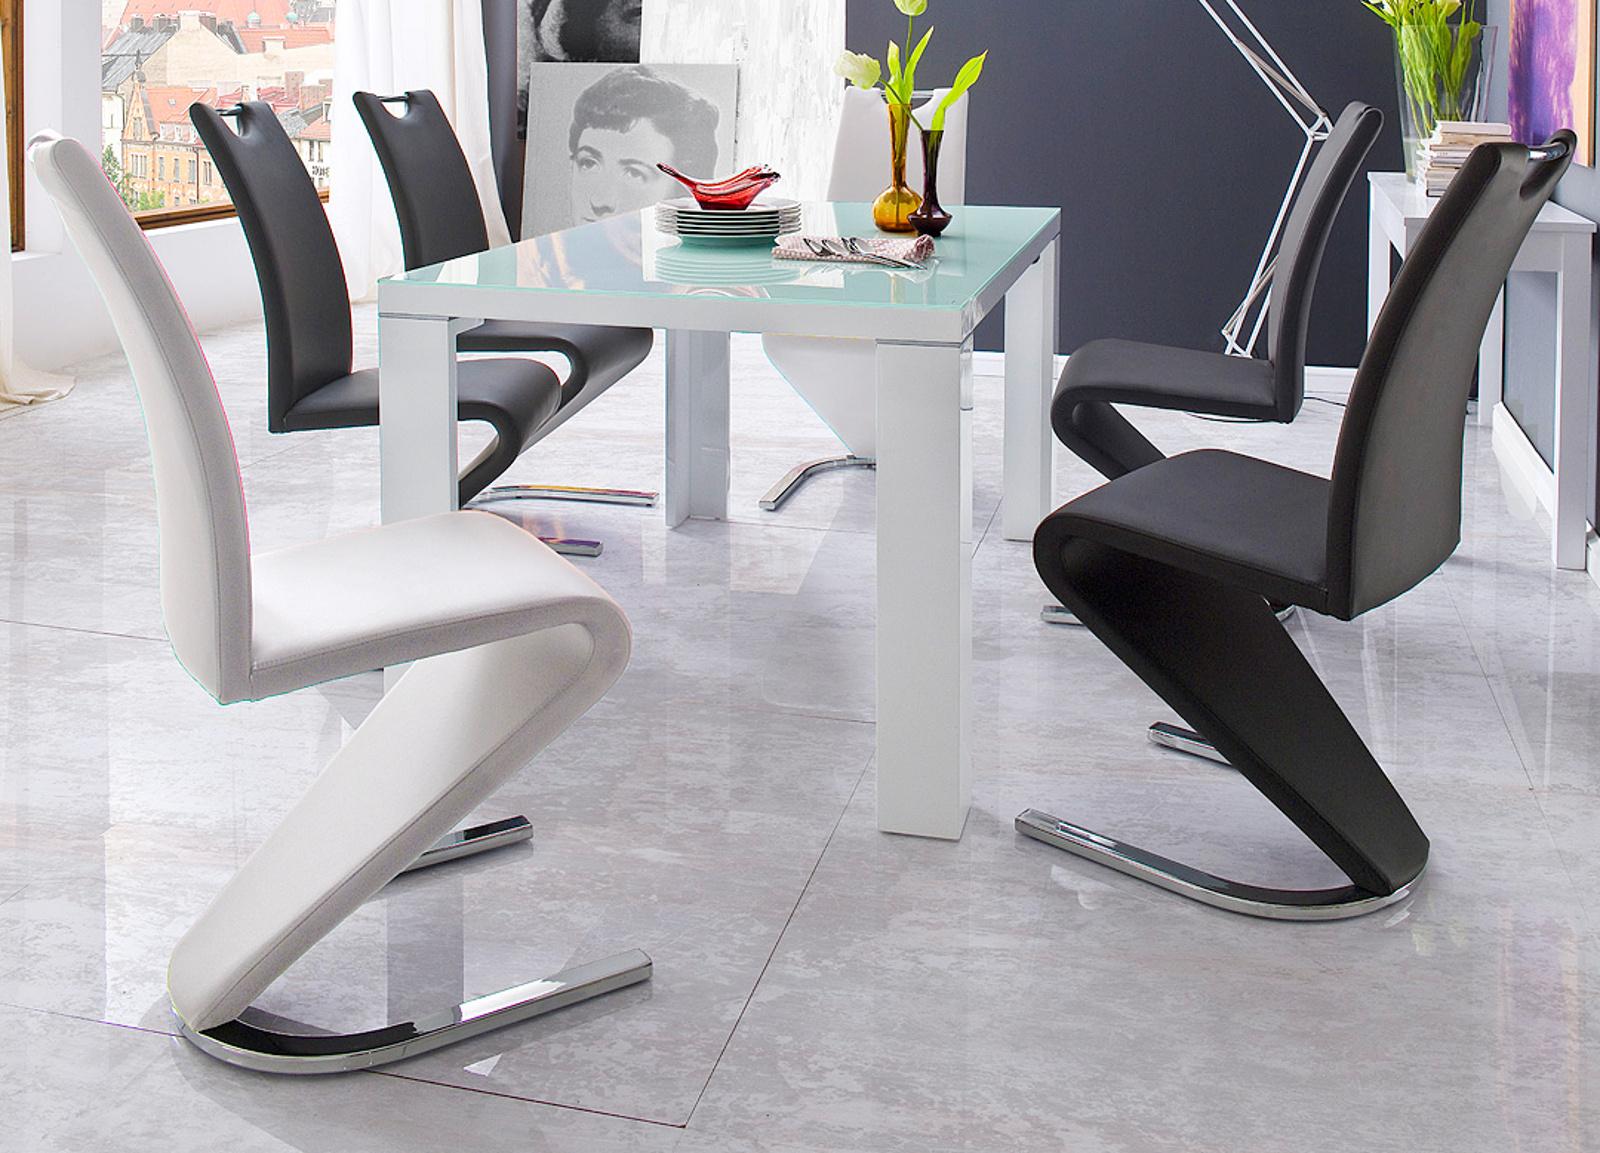 moderne b rom bel in ahorn designerm bel moderne m bel. Black Bedroom Furniture Sets. Home Design Ideas